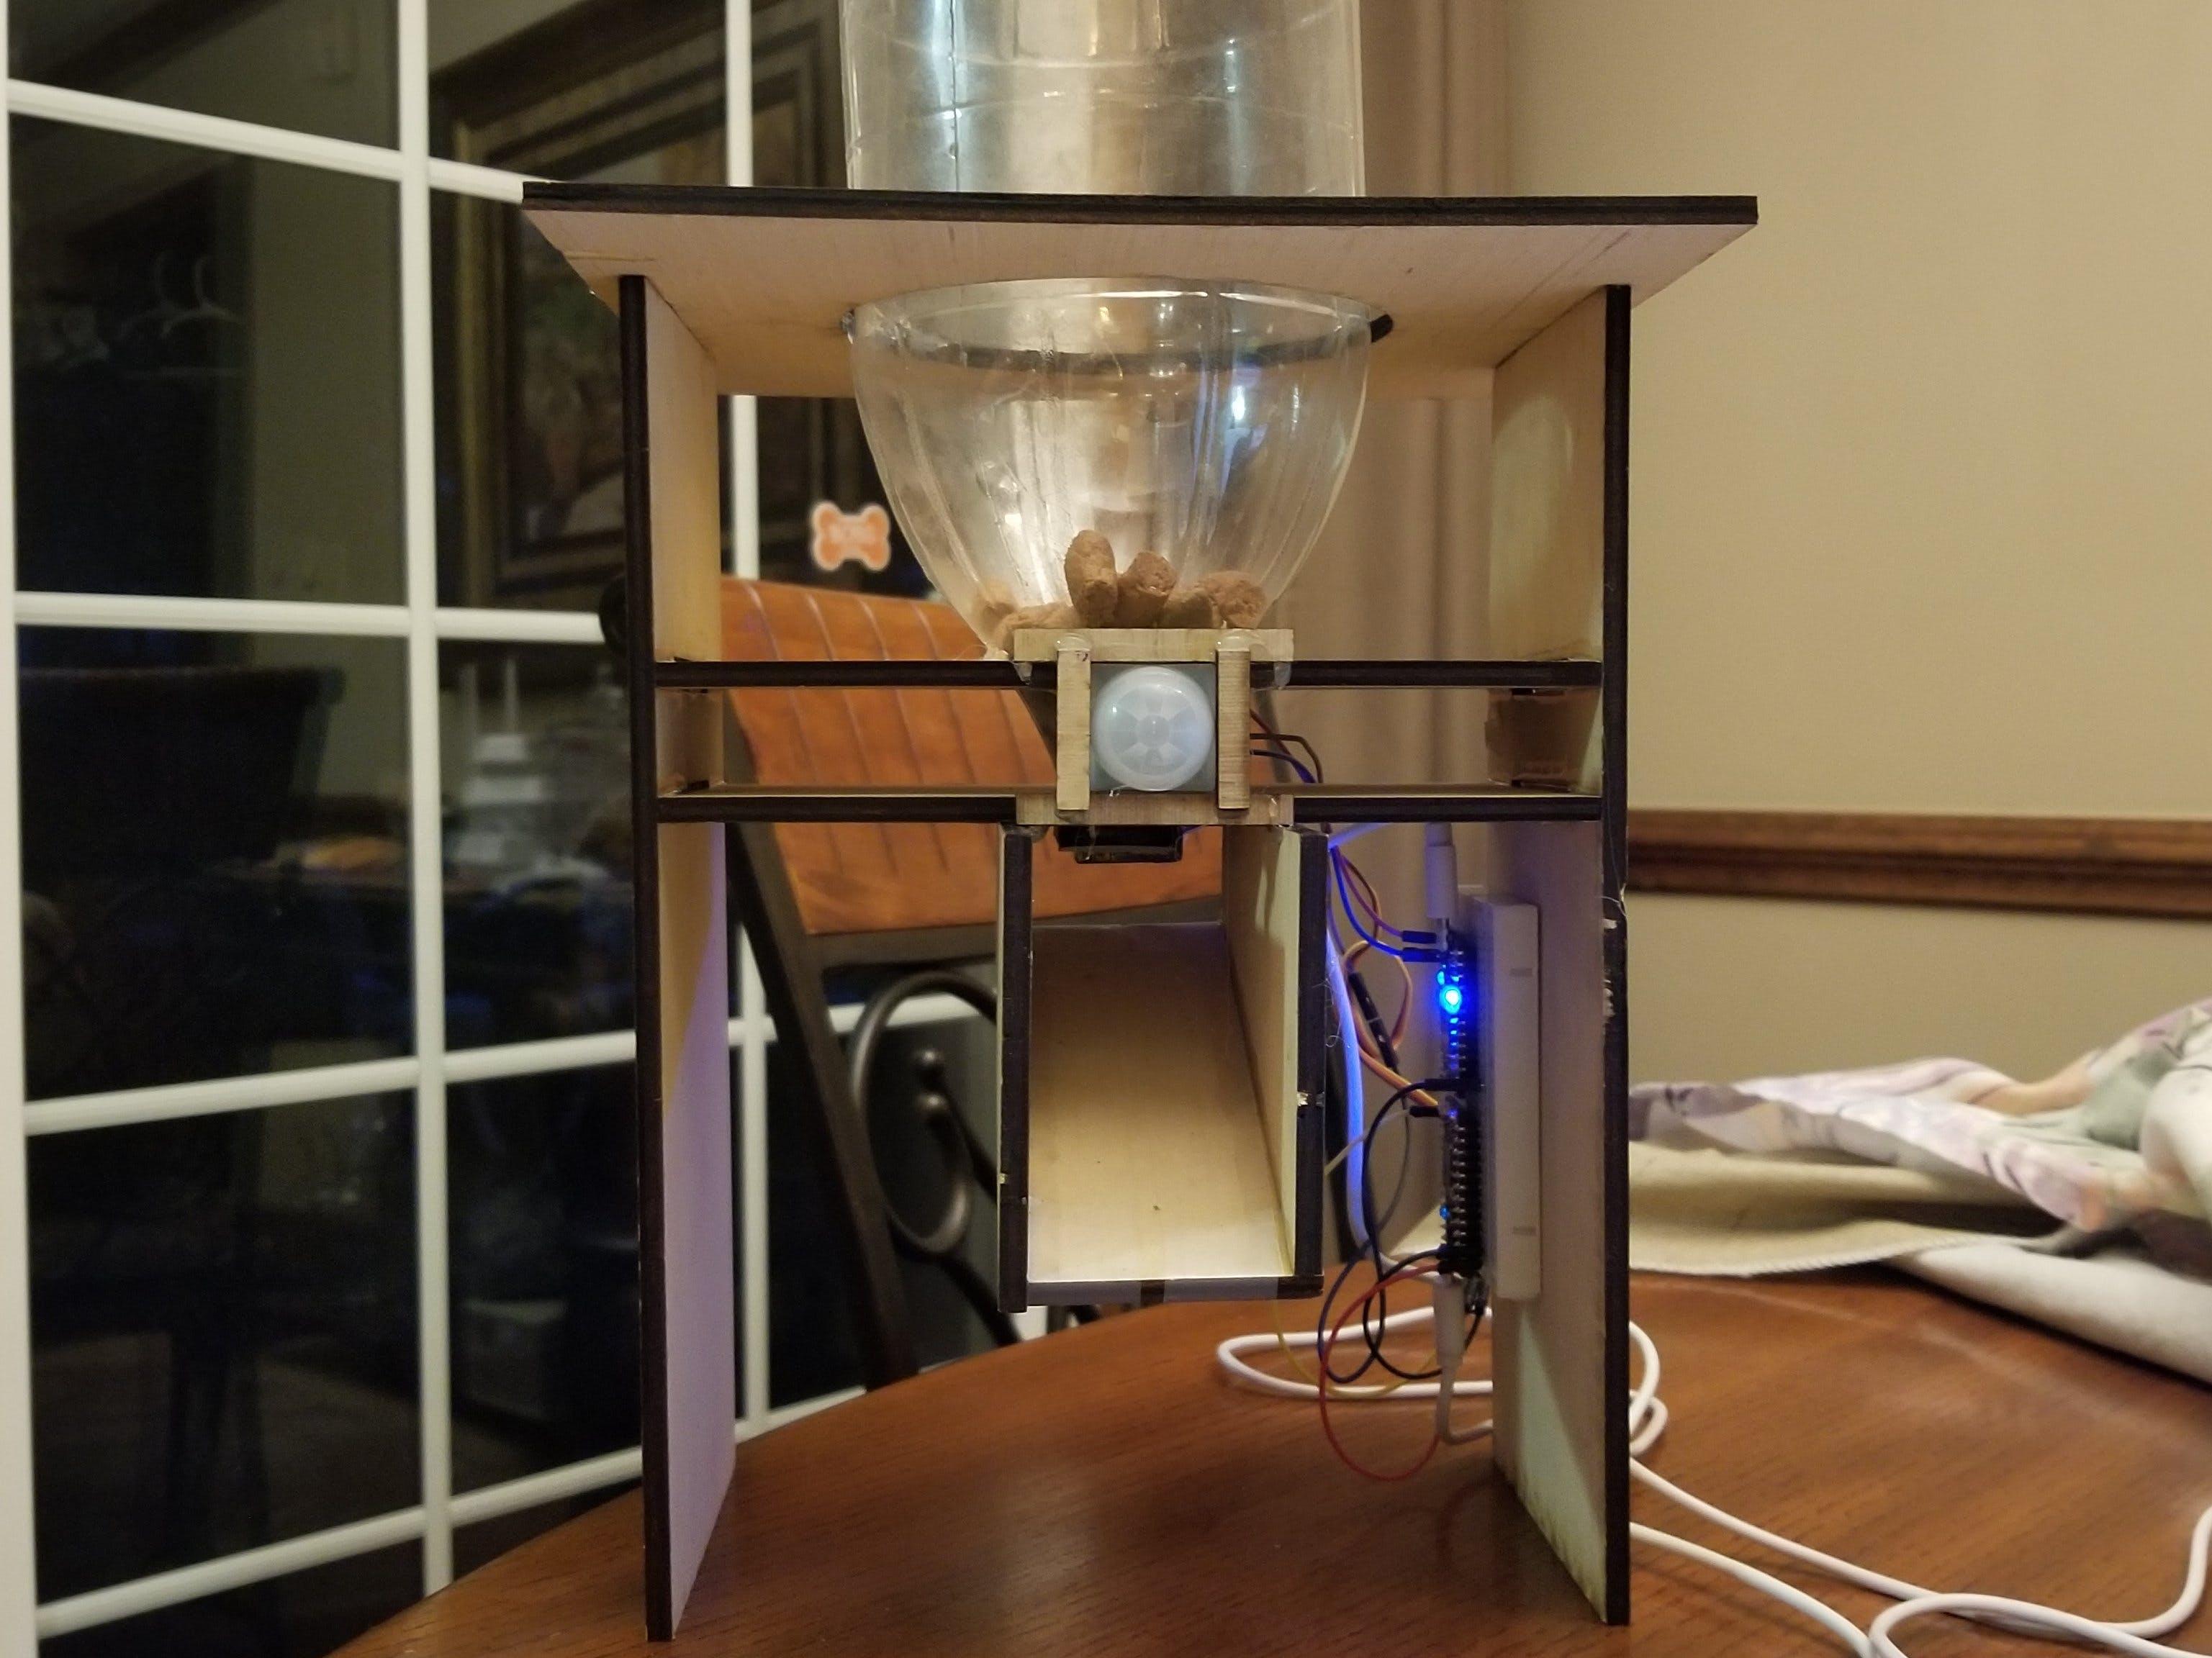 Dog Motion Sensor and Food Dispenser